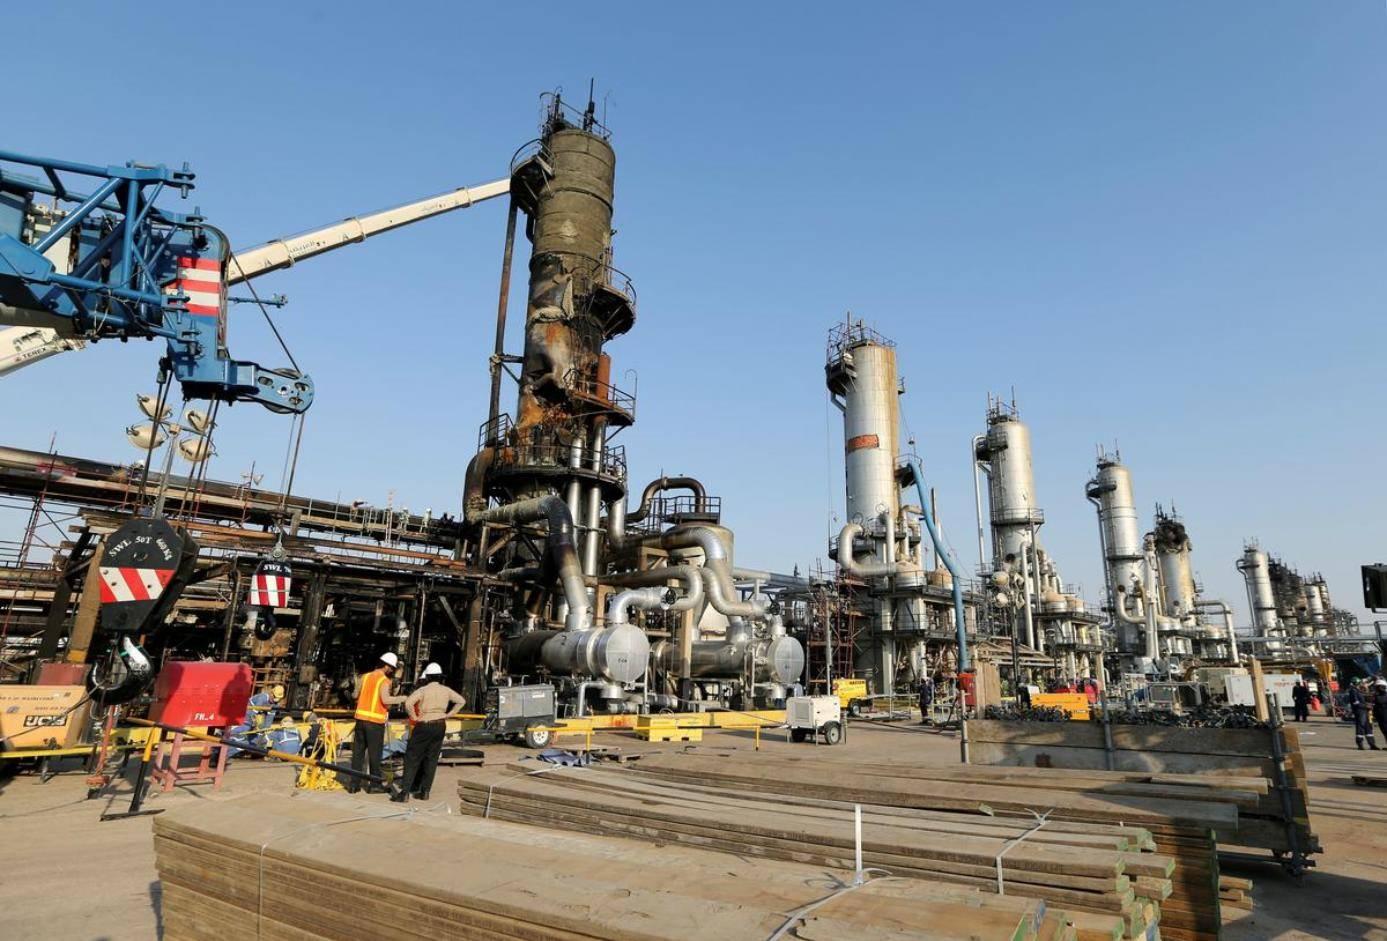 Завод в Абкайке 20 сентября. За 6 дней до «полного восстановления нефтедобычи»